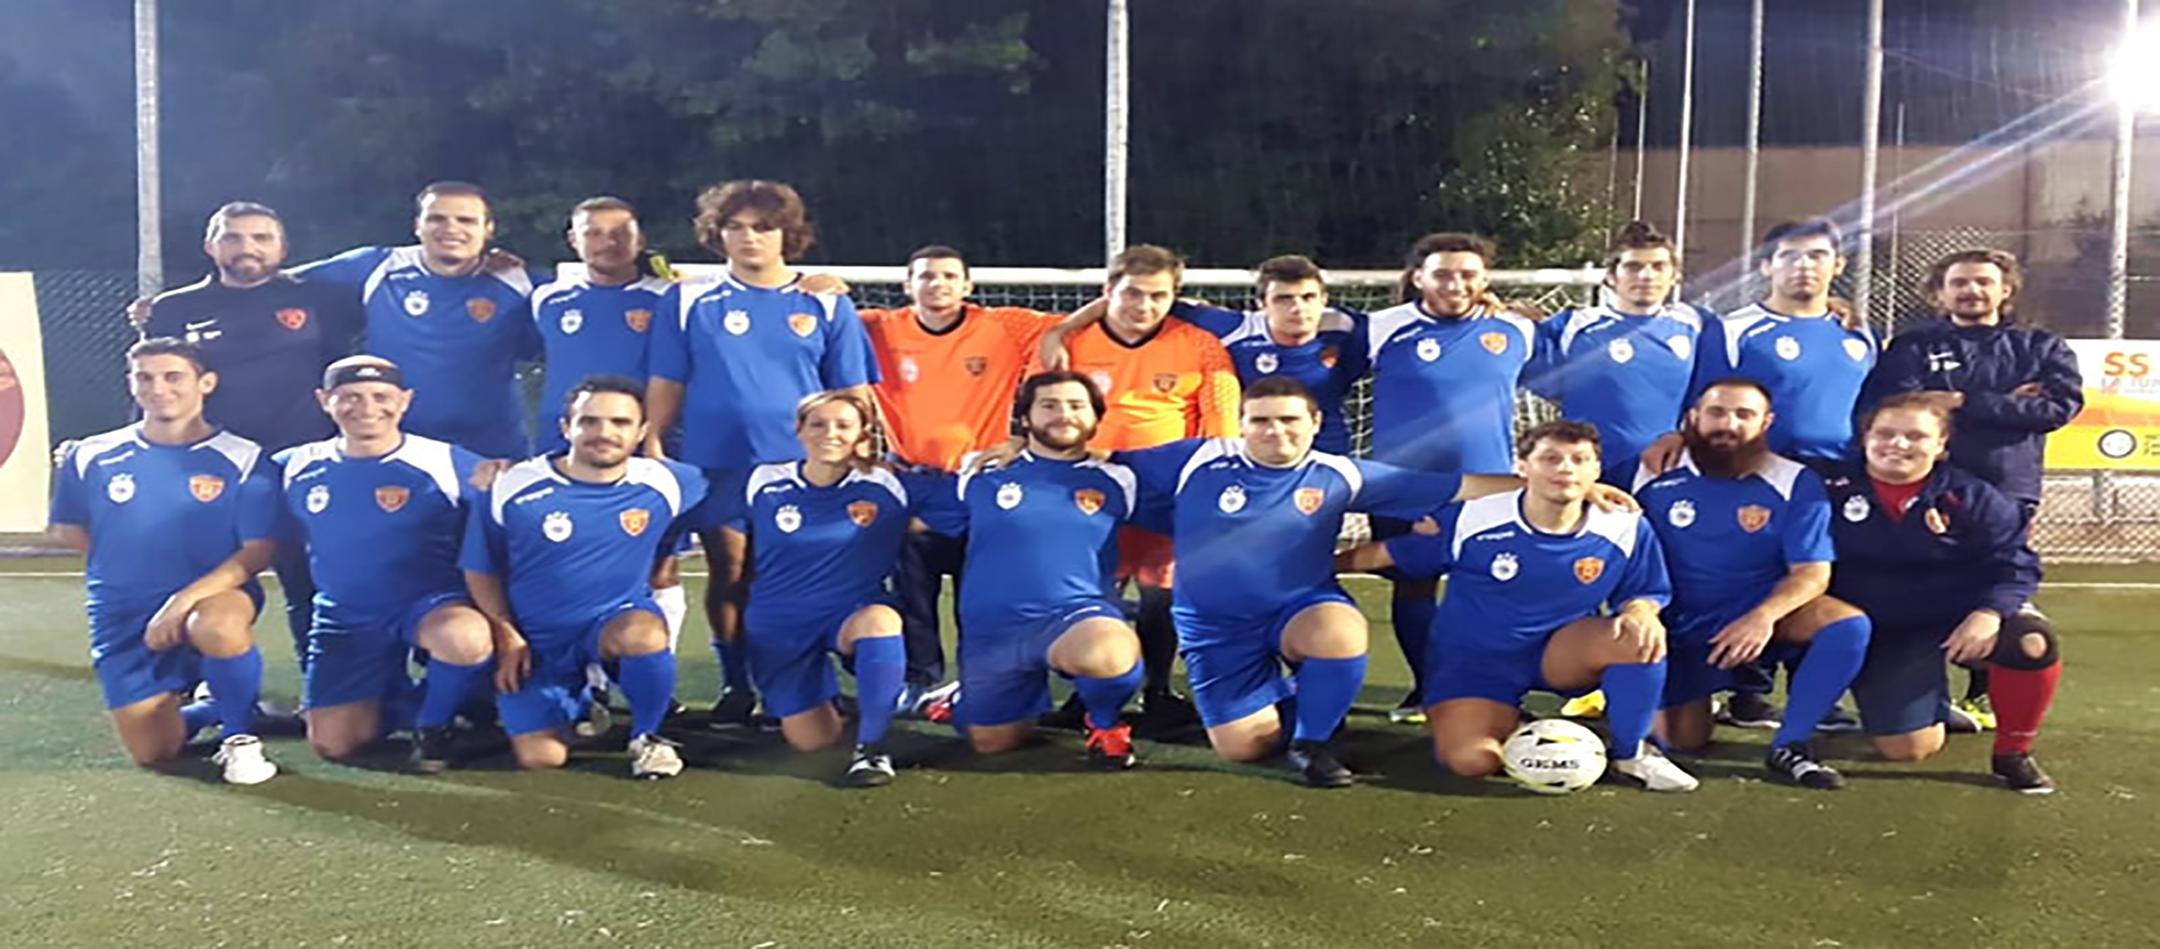 Tutta la squadra Romulea Autistic Football Club al completo